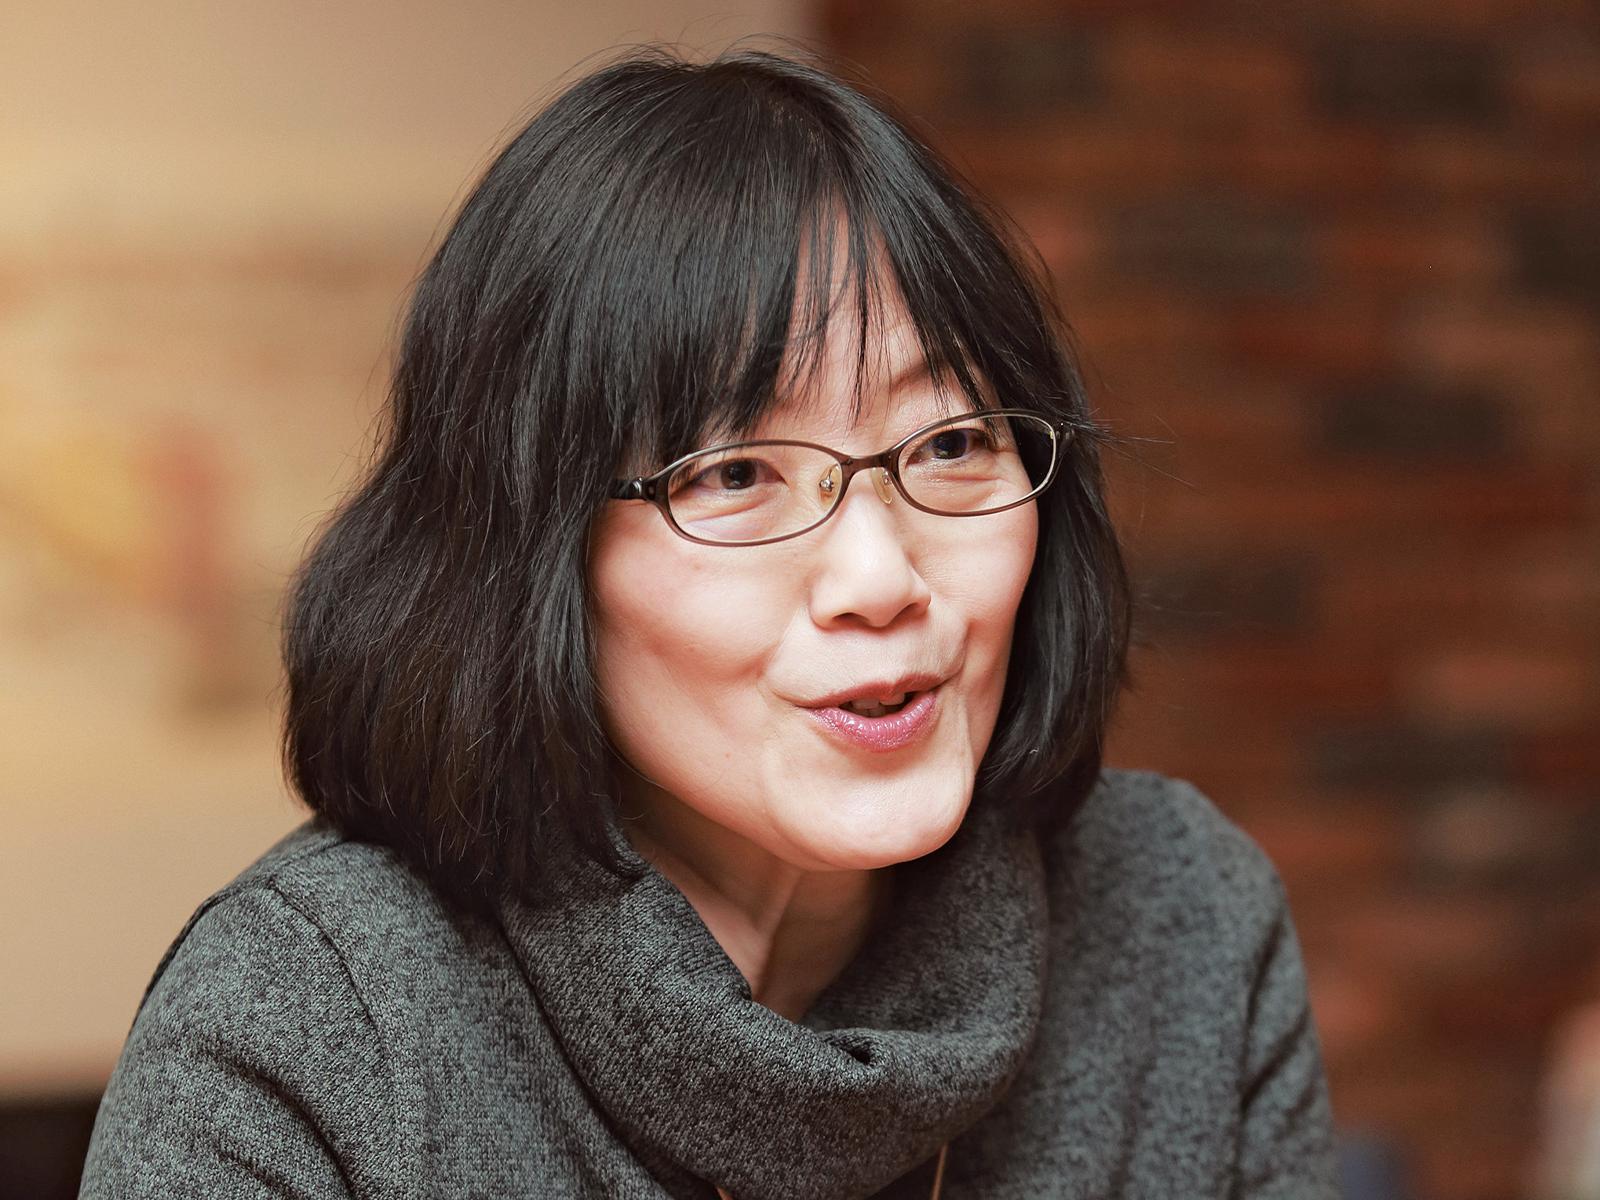 相内恵津子さん 主婦。市民ライター講座をきっかけに市民ライターに。『The Roast』が初の記事。